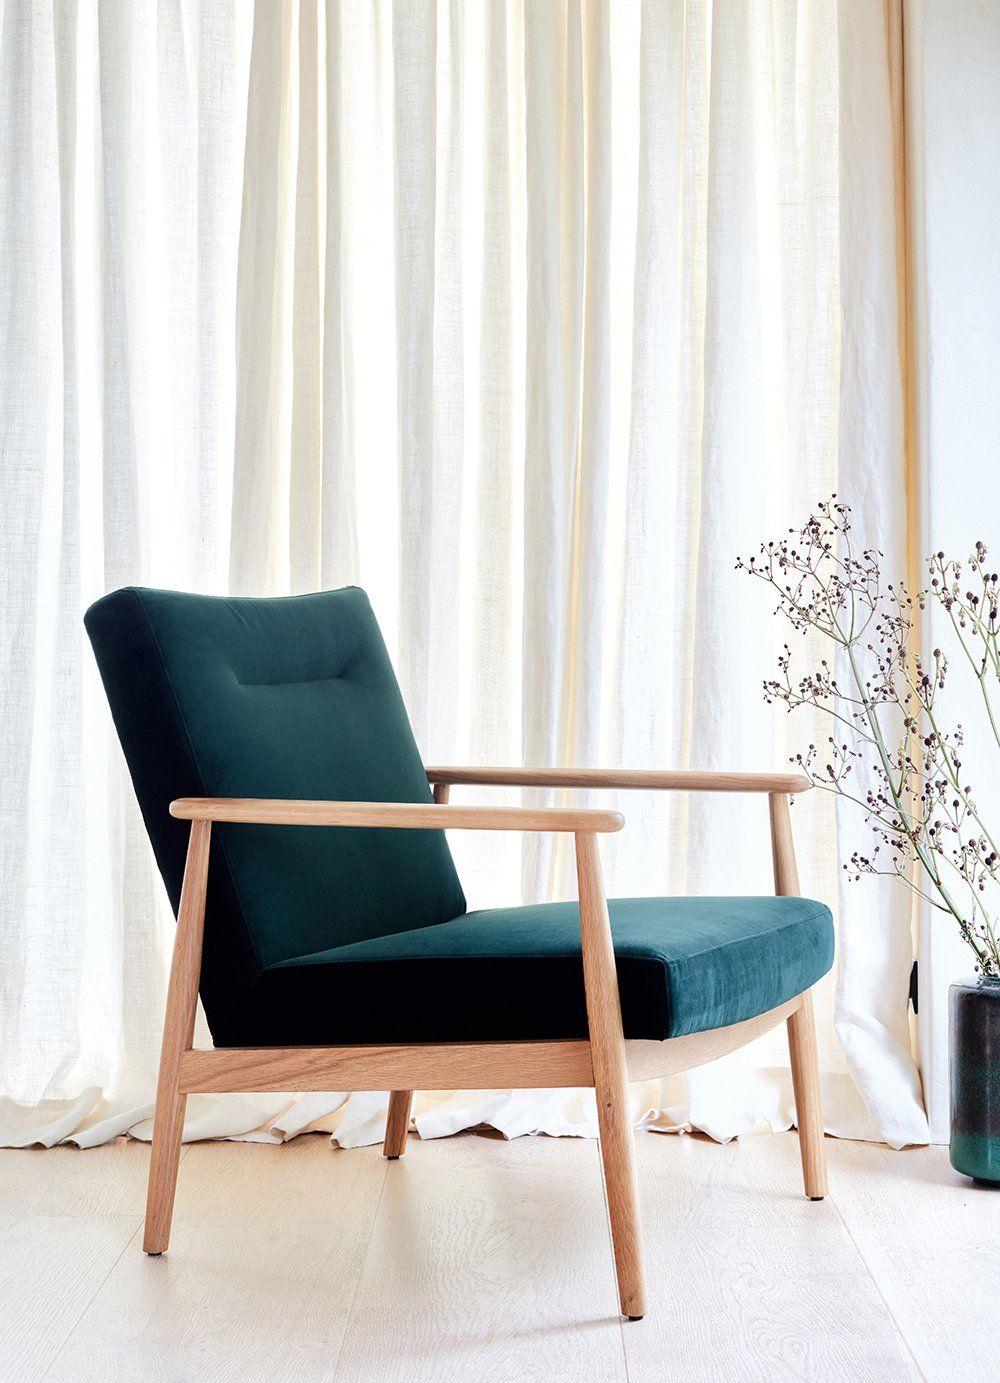 Un fauteuil bas vert bouteille, Alinea | Great objects en 2019 ...